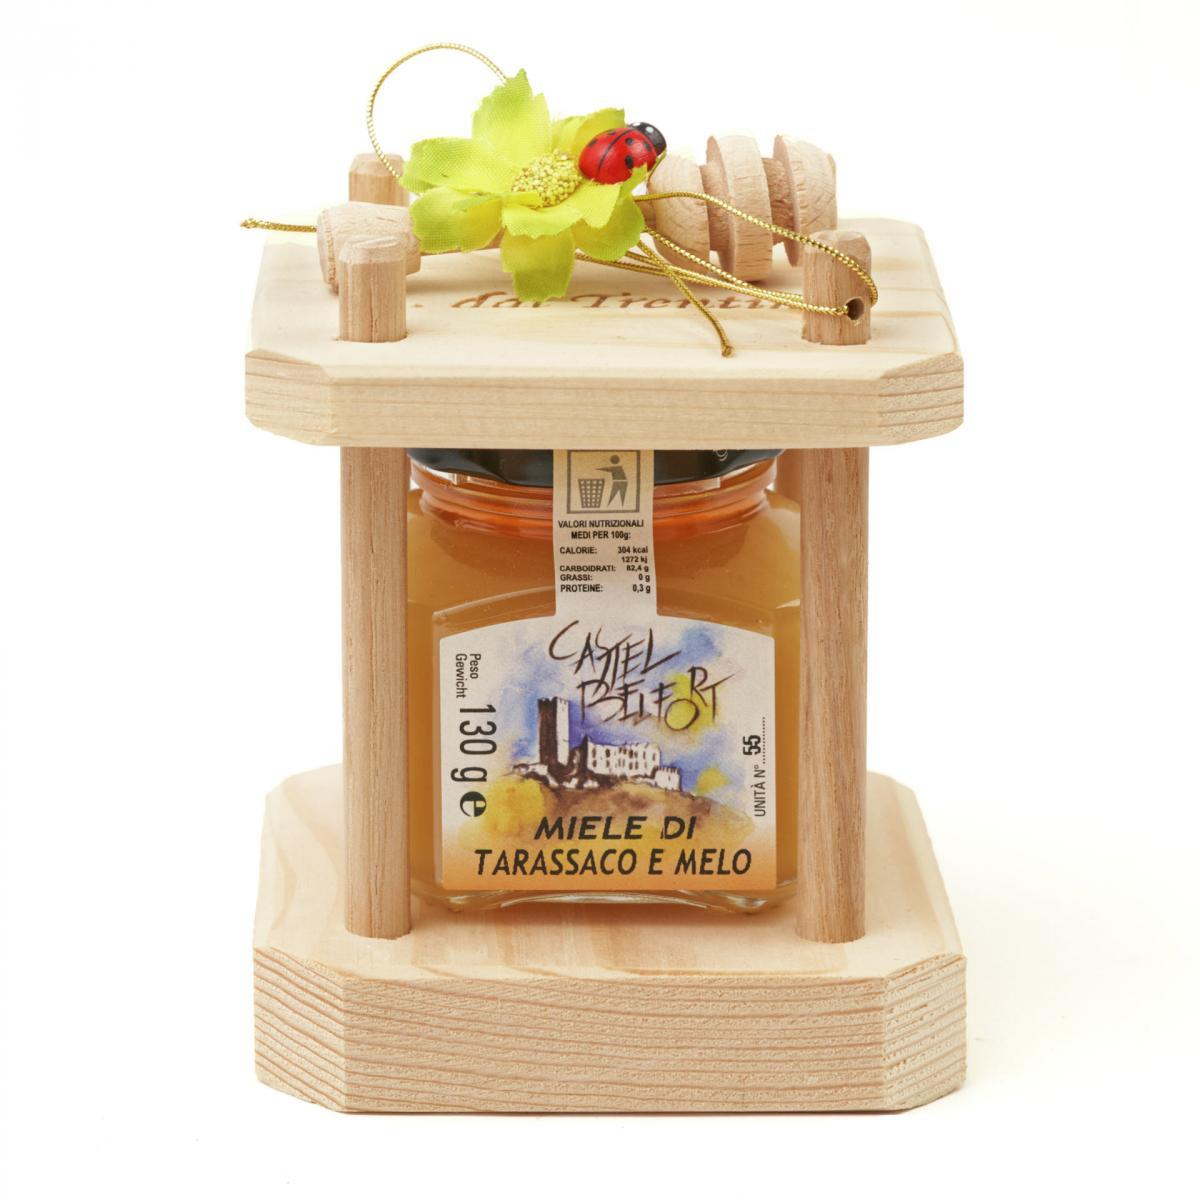 Confezione da 1 vaso di miele da 130g (clessidra)